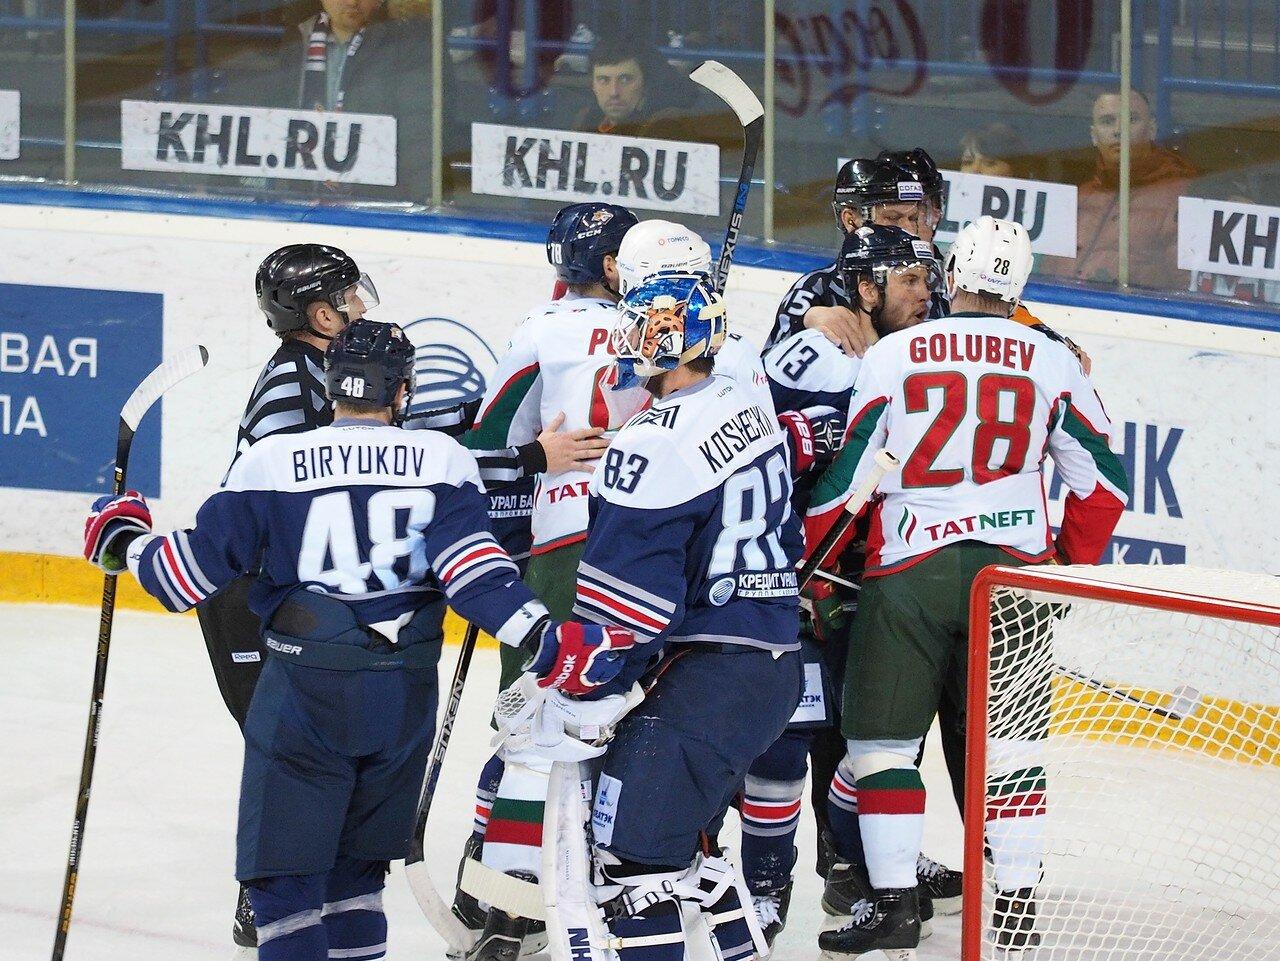 51 Первая игра финала плей-офф восточной конференции 2017 Металлург - АкБарс 24.03.2017